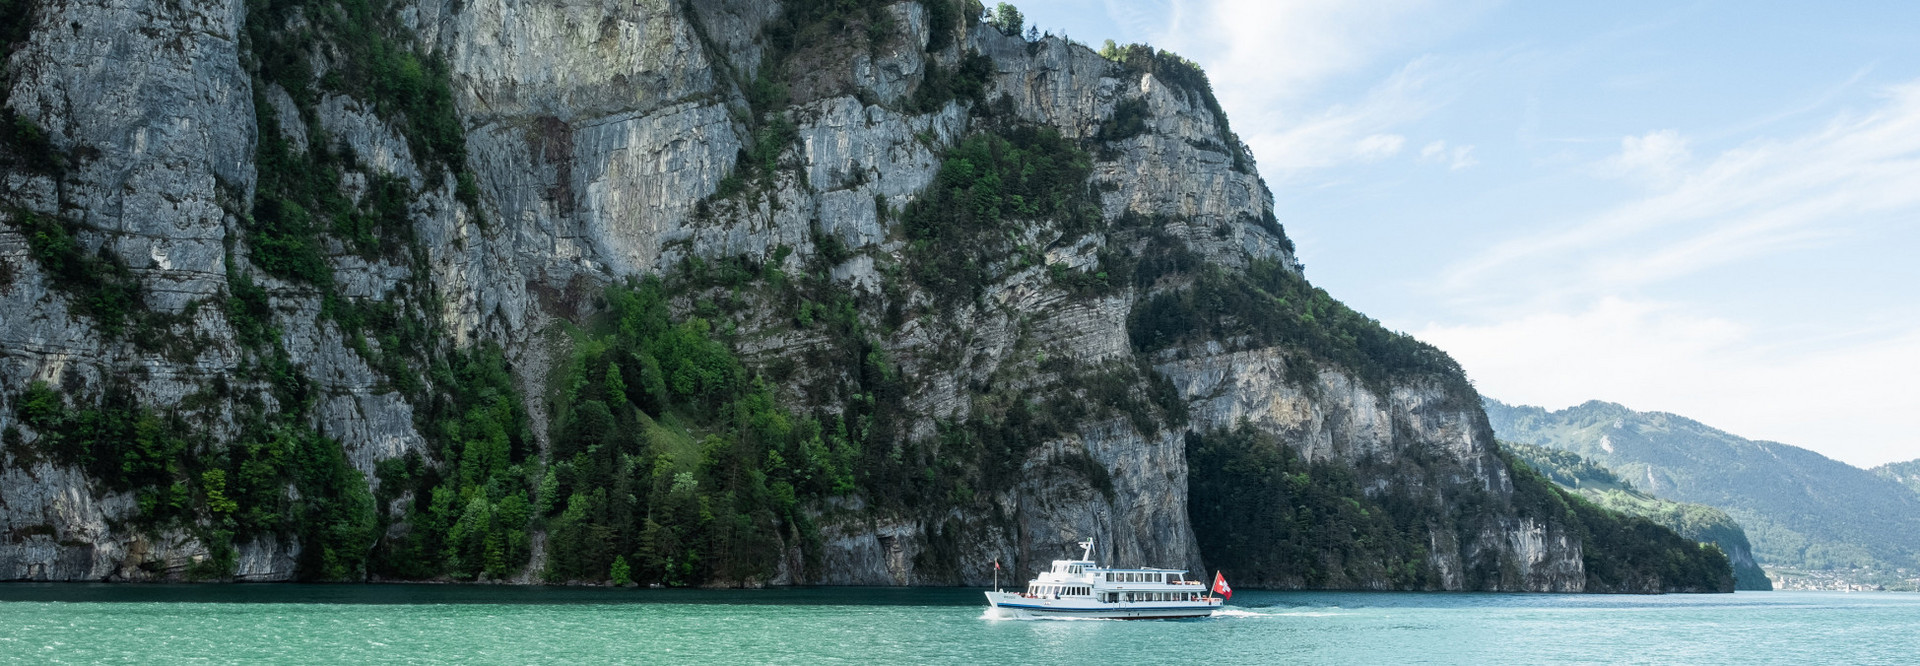 Déjeuner-croisière quotidien sur le lac Uri avec un bateau à moteur.